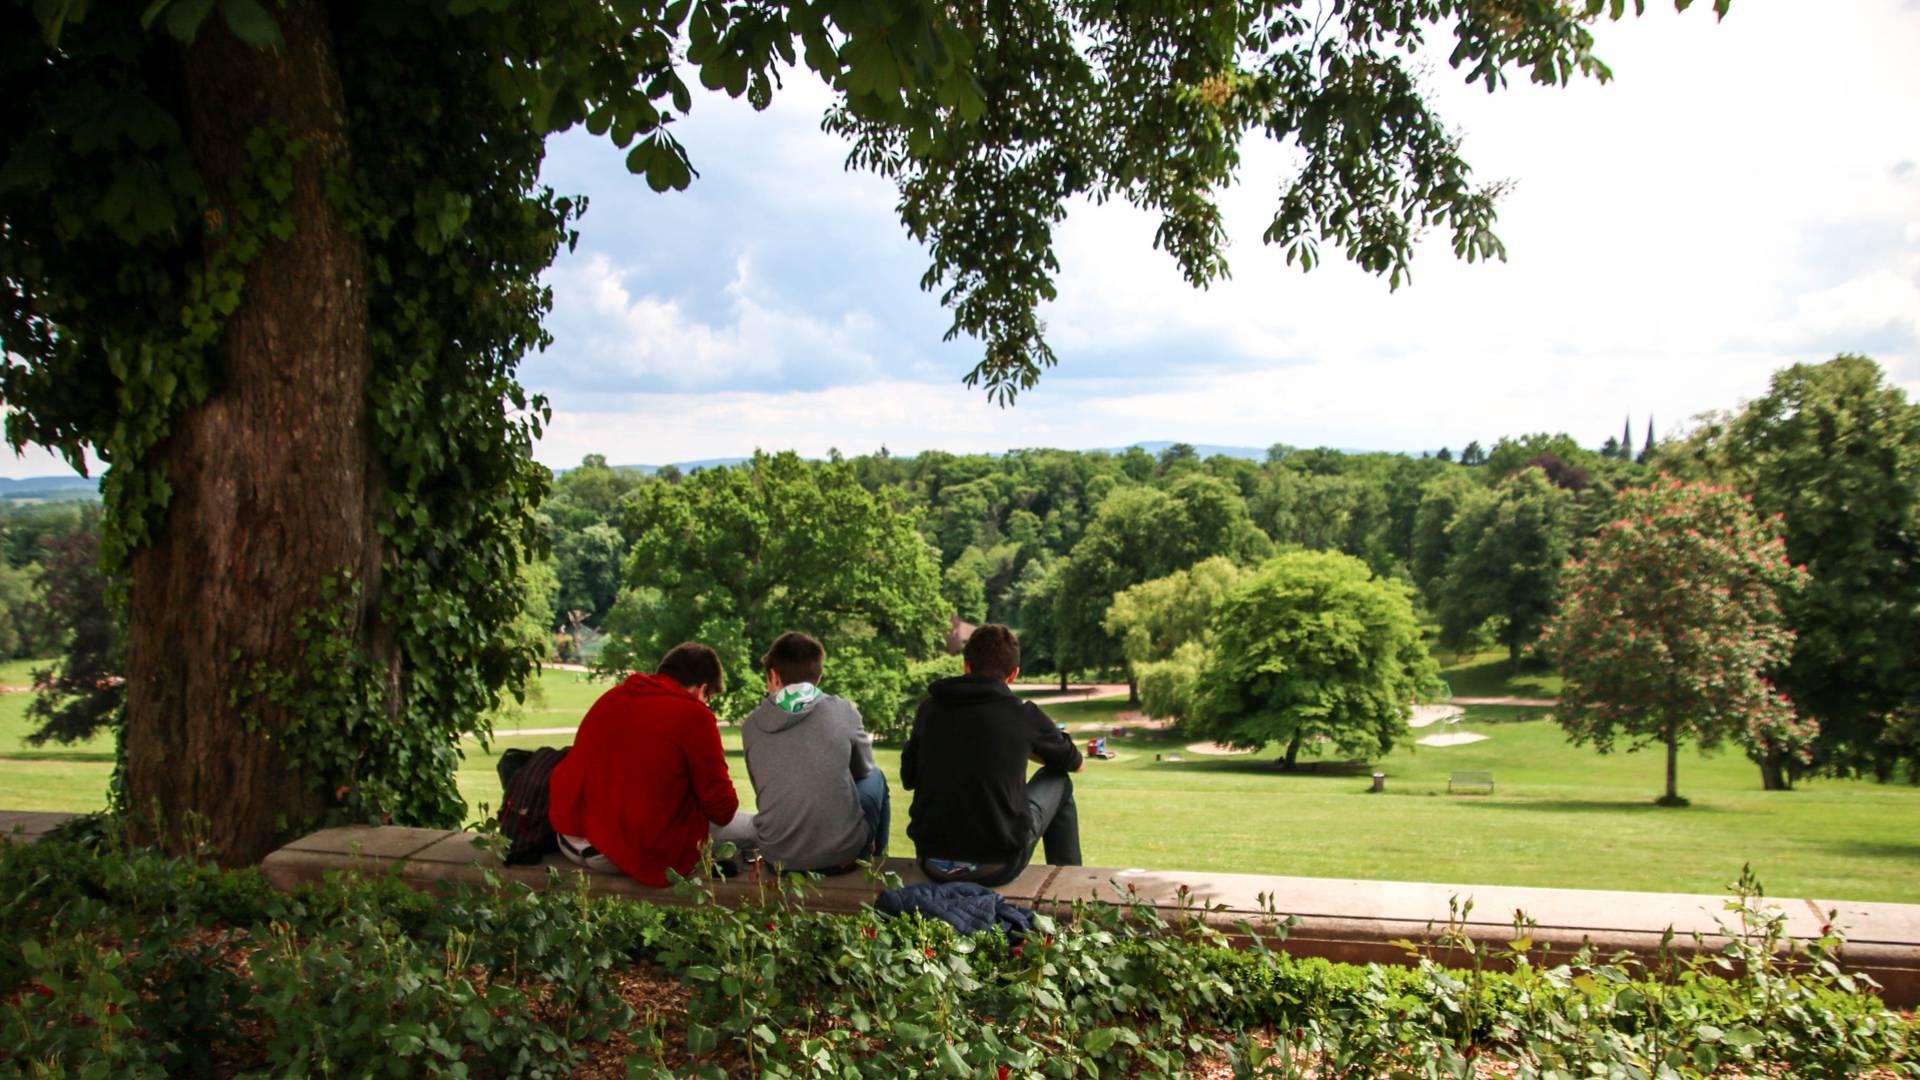 Entre amis dans le parc de la Verrerie, Le Creusot. © Lesley Williamson.